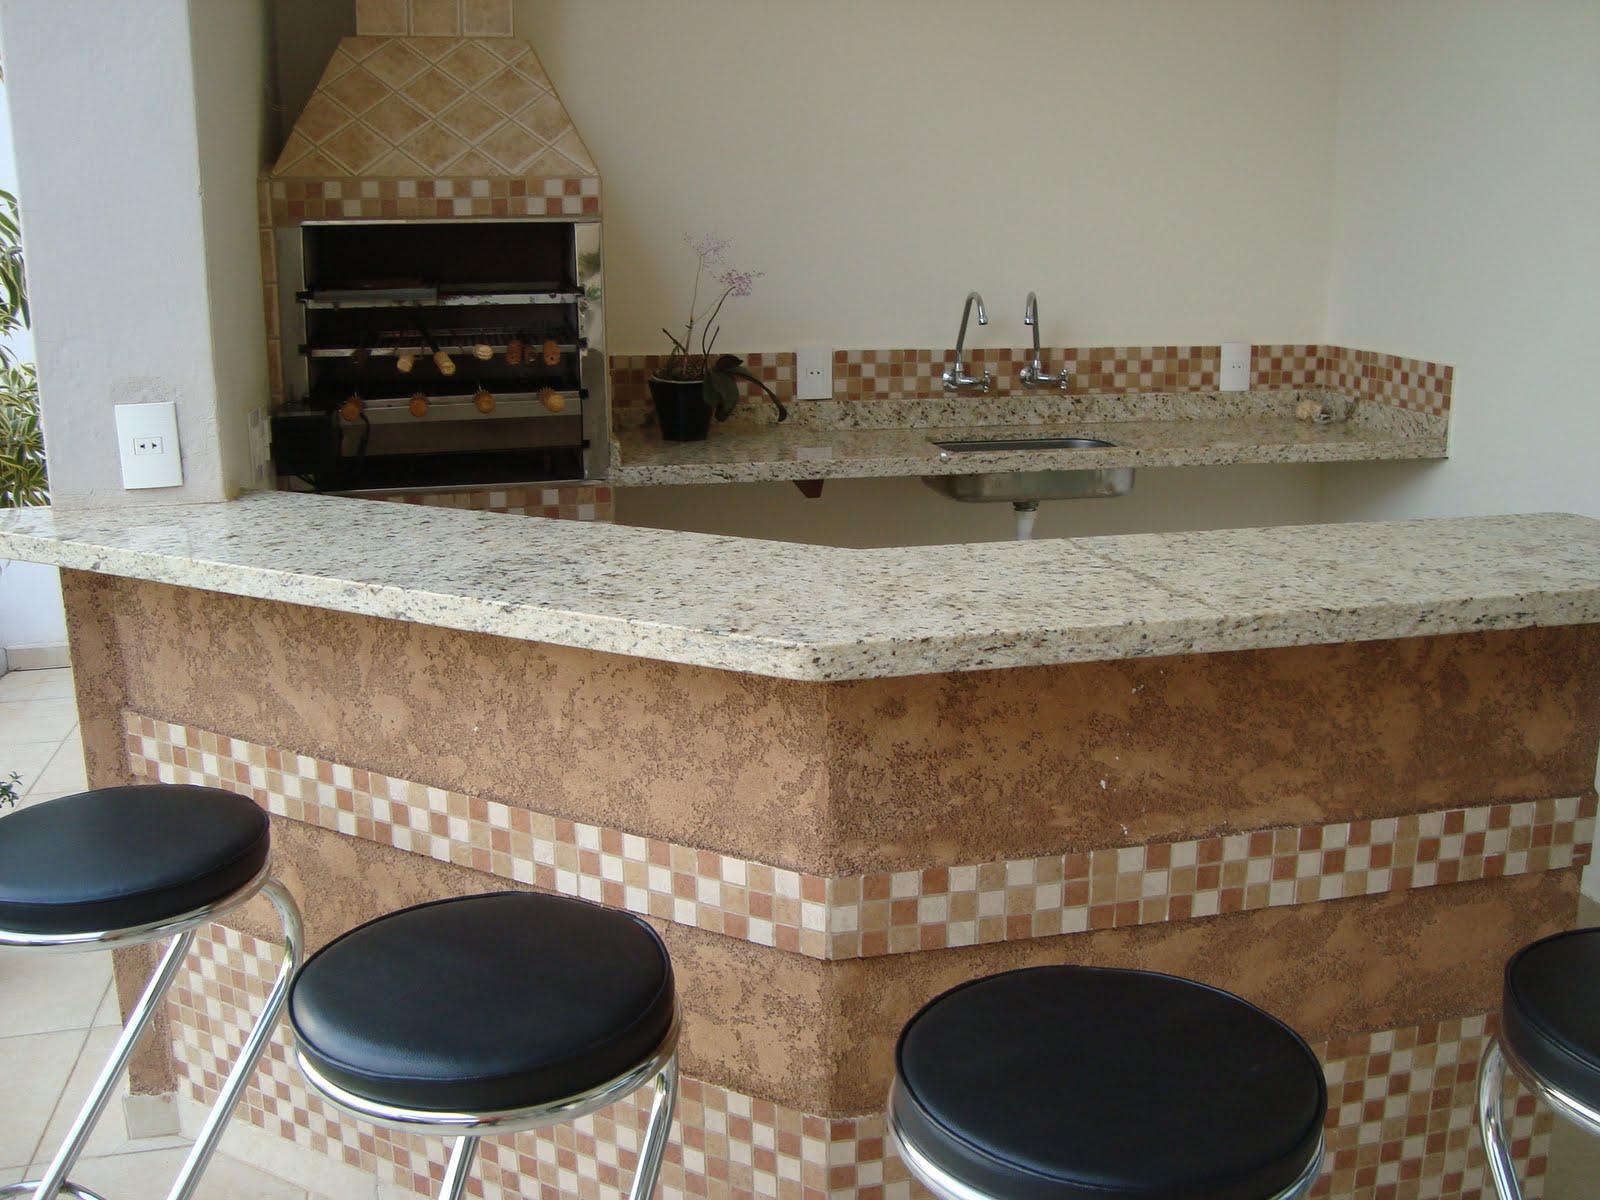 S³ ARQUITETURA E PLANEJAMENTO: Churrasqueira #64472C 1600x1200 Balcao Banheiro Artesanal